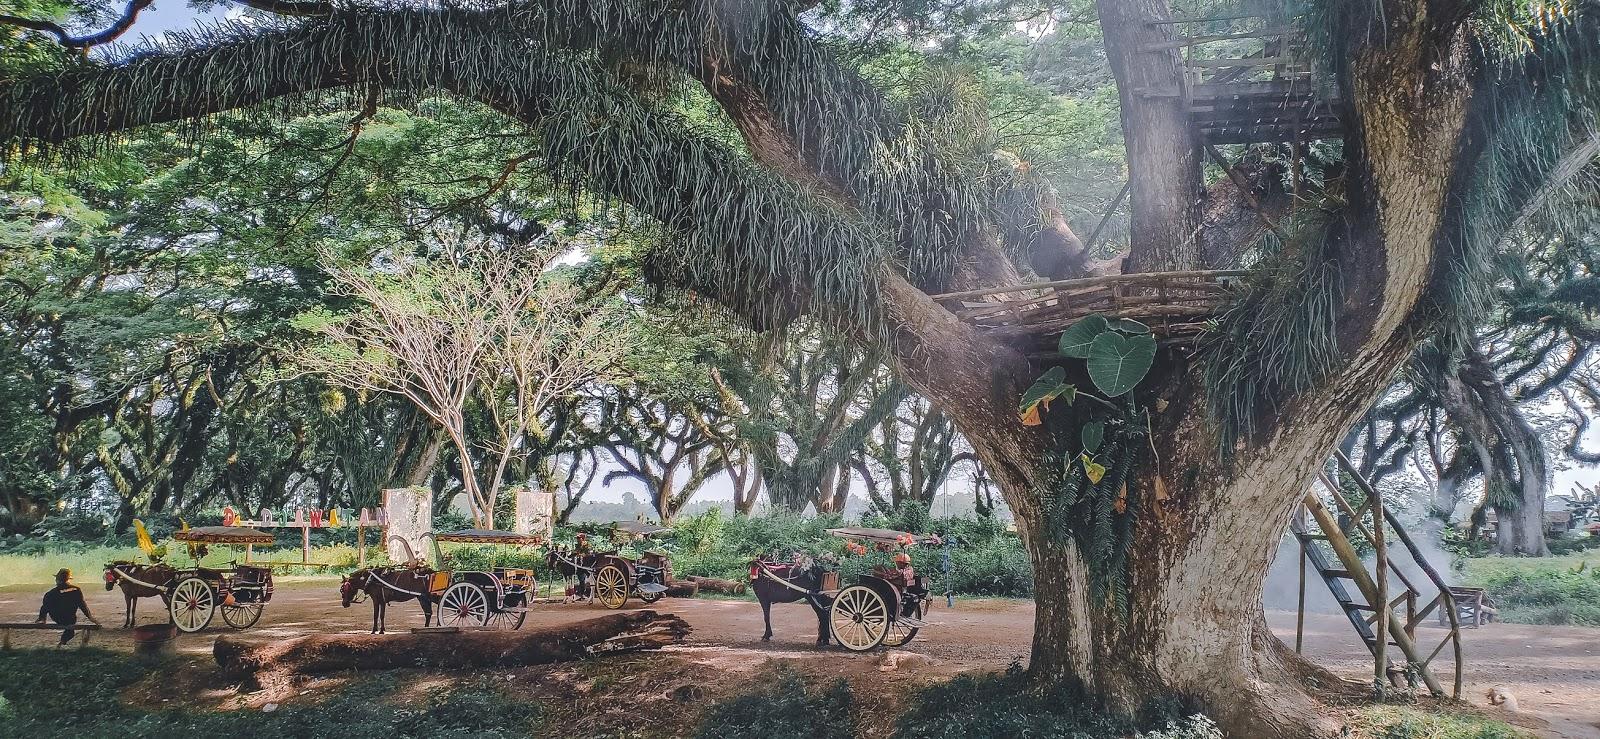 De Djawatan, Hutan di Banyuwangi ala Fangorn Forest The Lord of